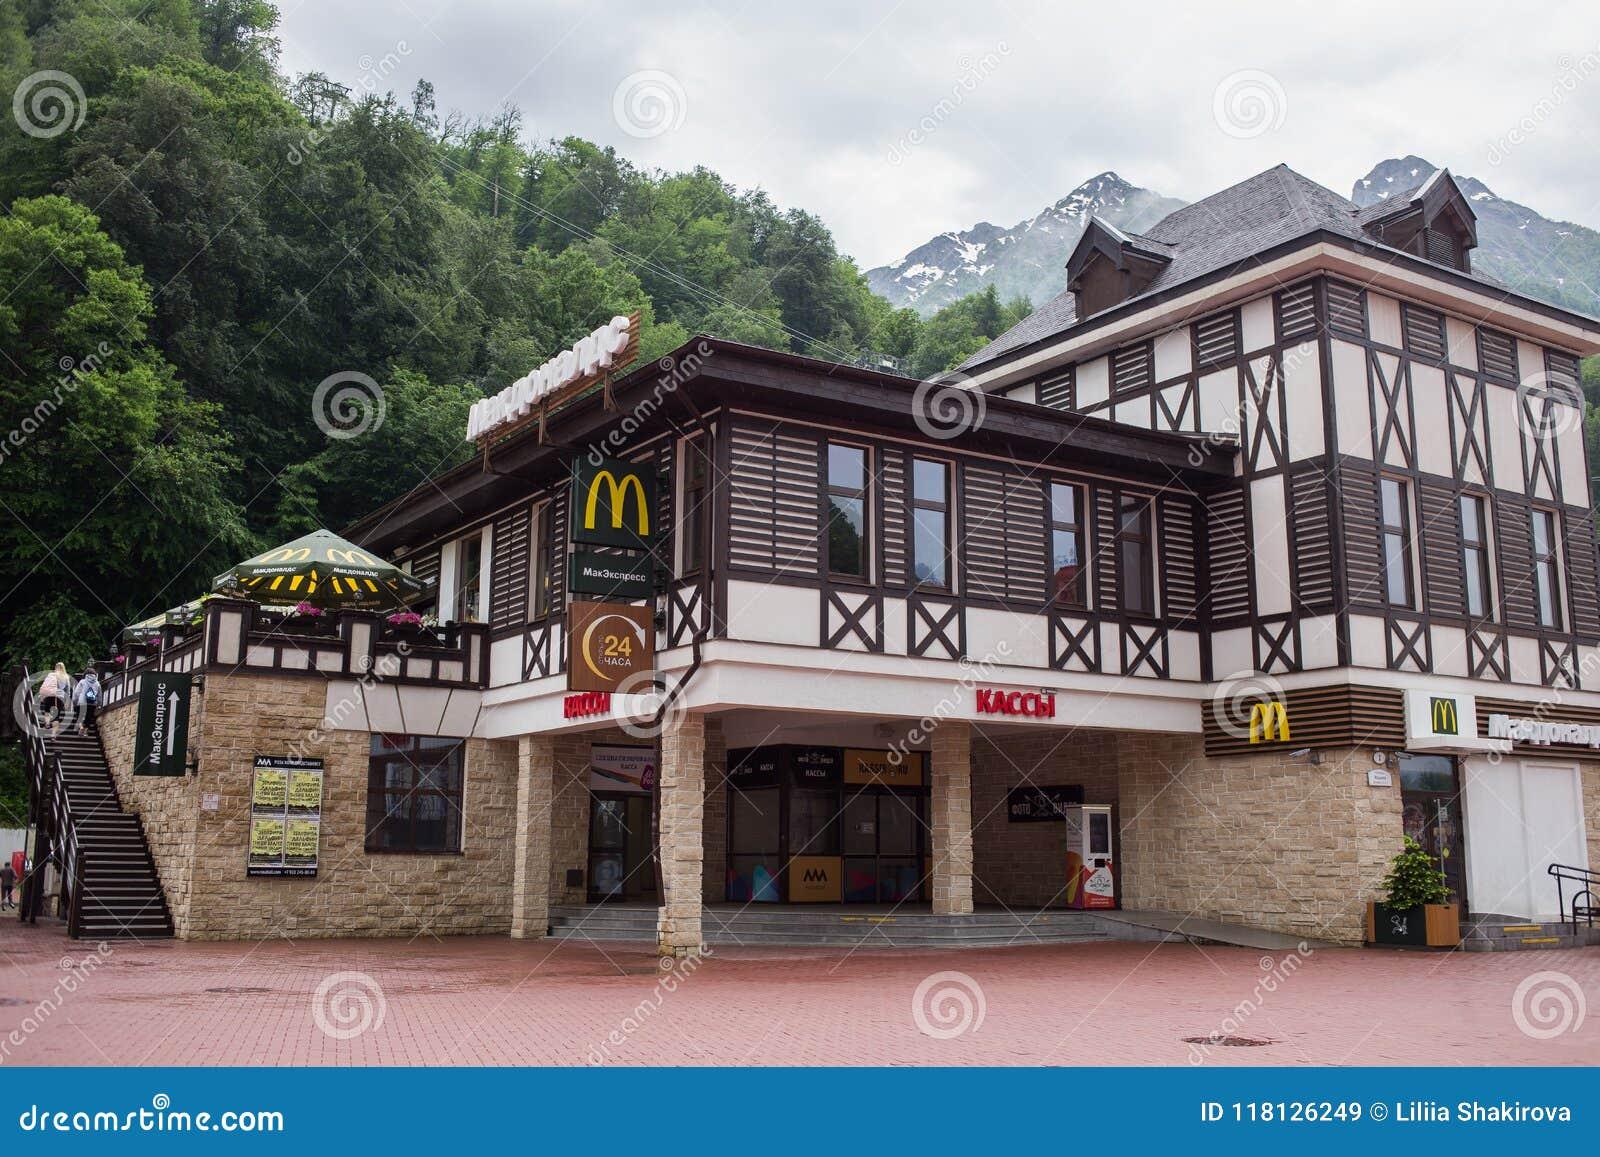 RUSSLAND, SOCHI - 25. MAI 2018: Redaktionelles Foto von McDonald-` s in Krasnaya Polyana, im Erholungsort gegen Berge